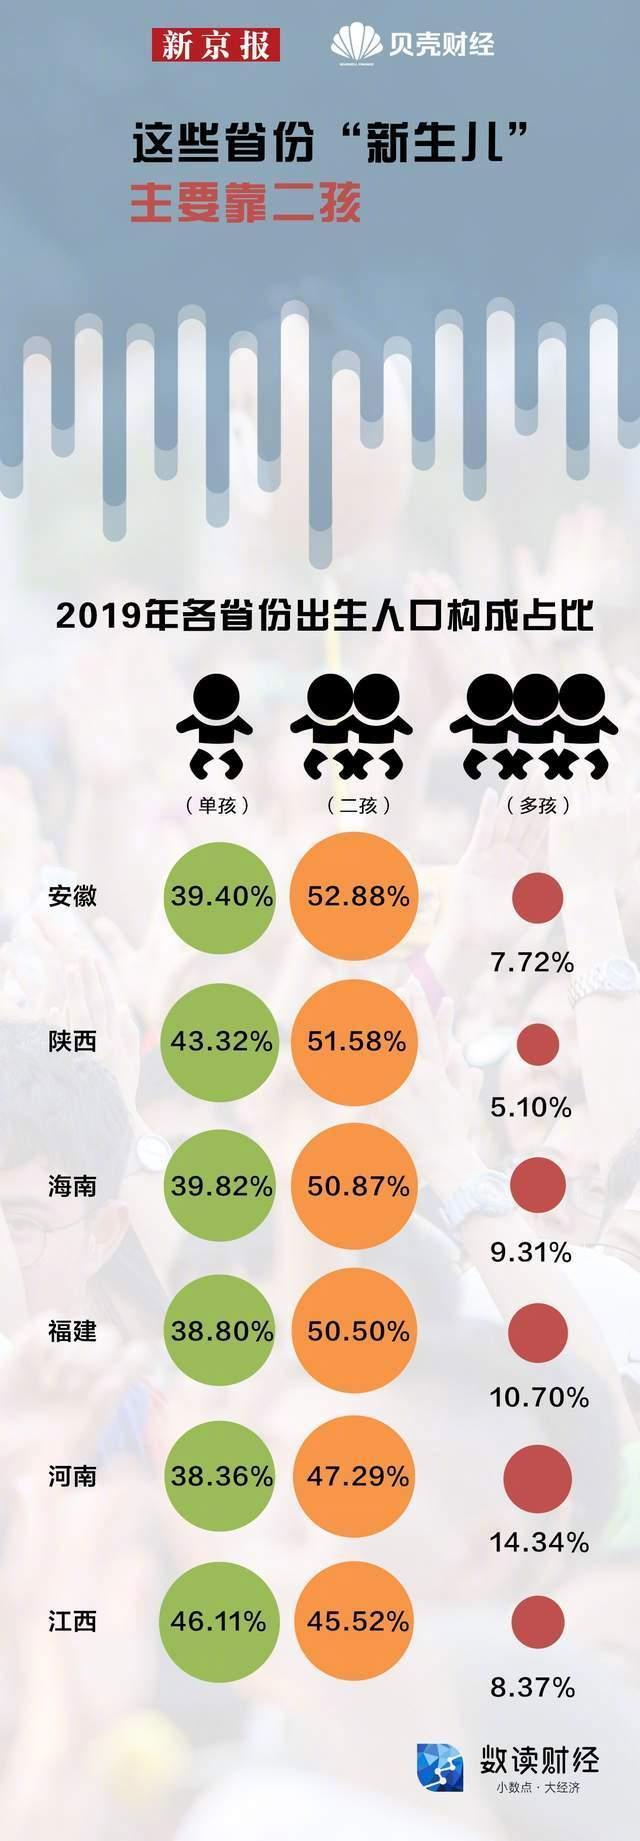 三孩政策来了,你生吗?一图看懂哪些省份的人最愿意生孩子 全球新闻风头榜 第2张